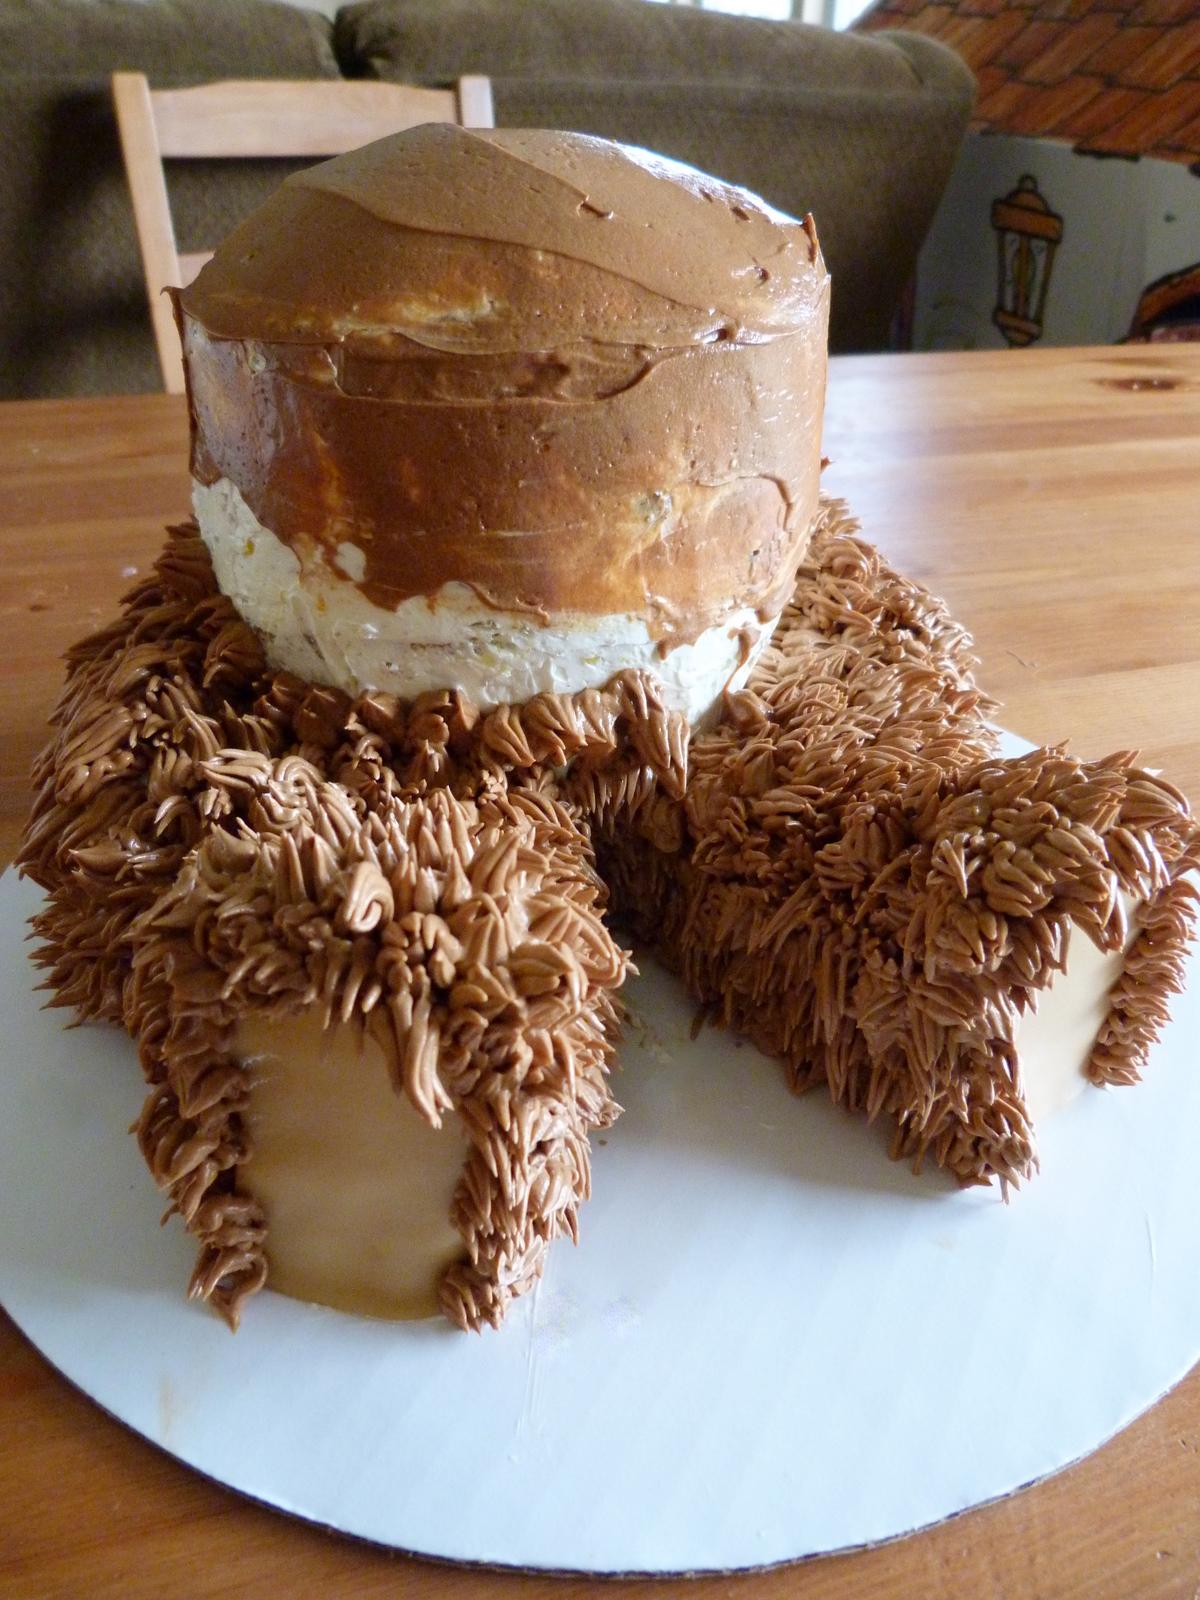 Как сделать торт мишку своими руками - Простые рецепты вкусных десертов 16